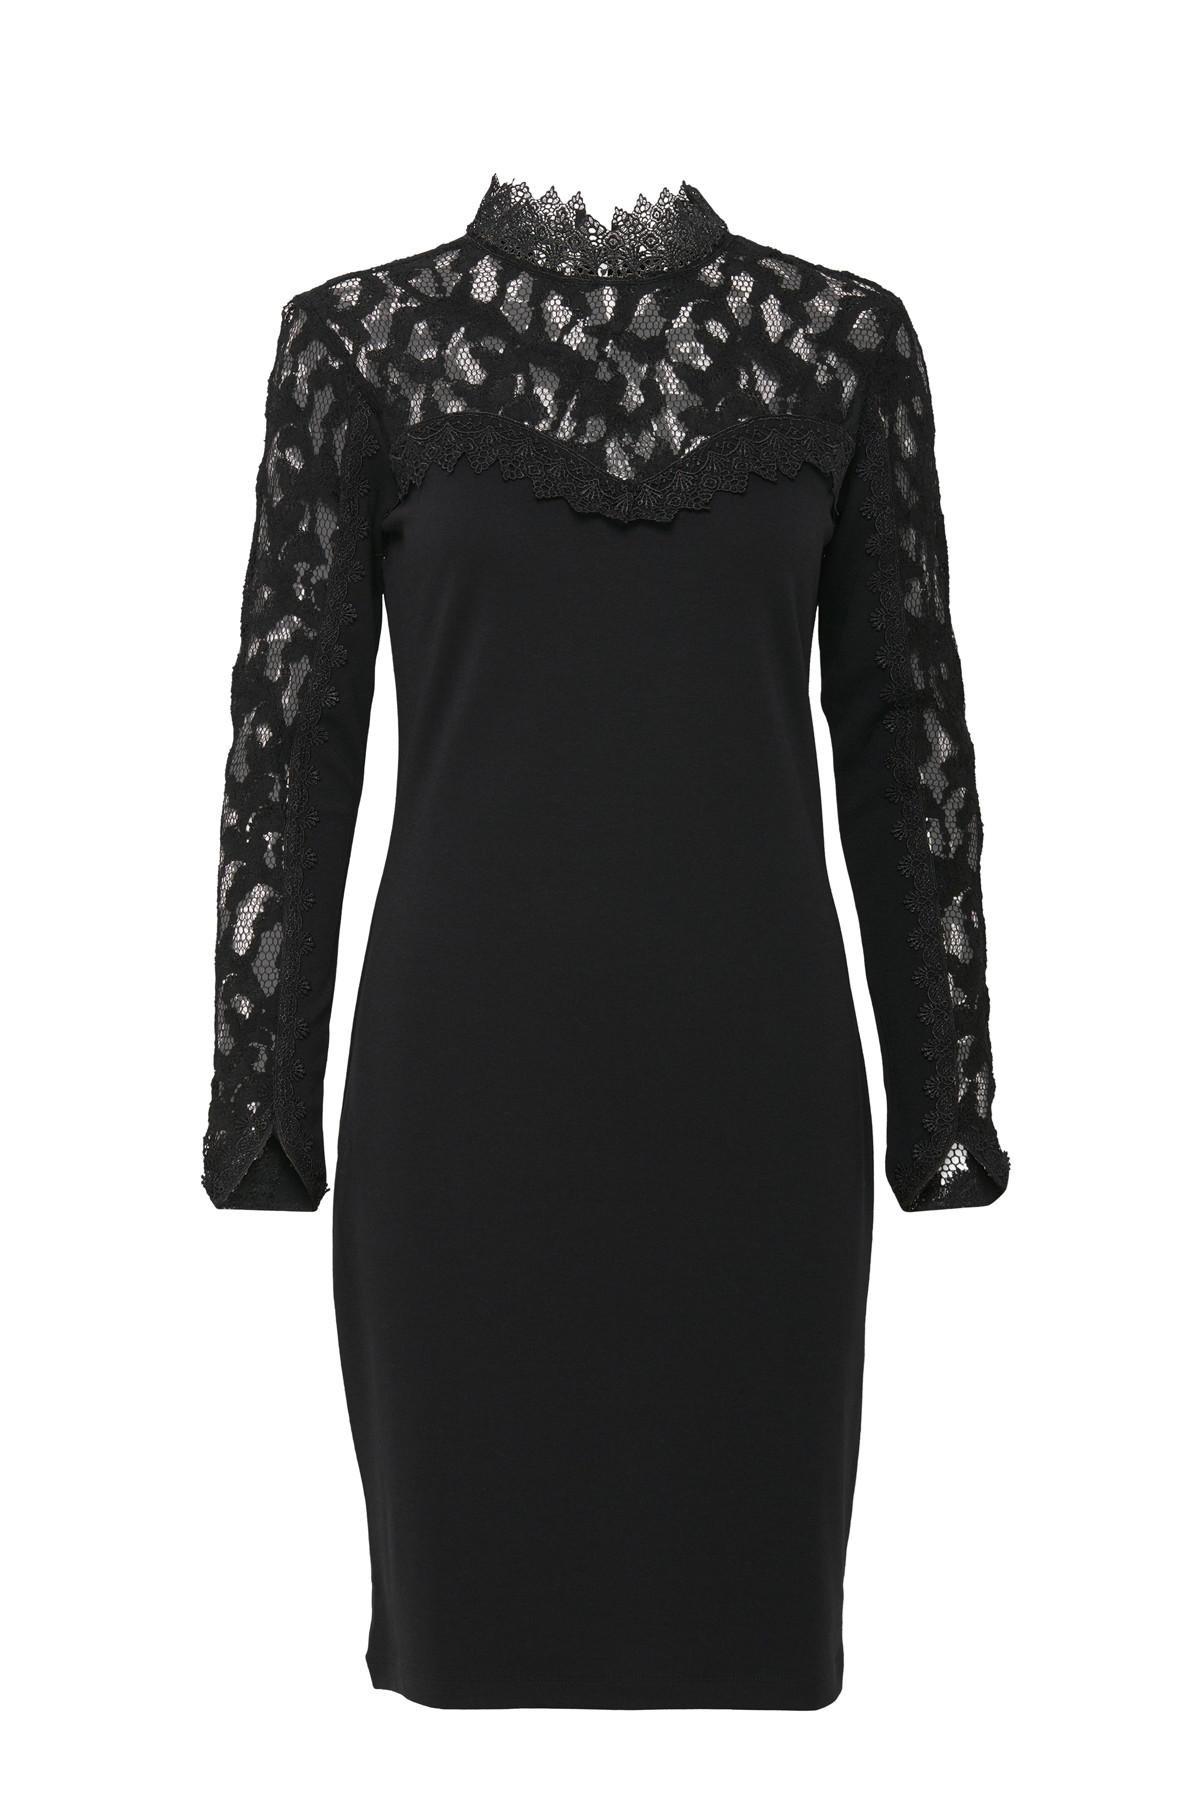 Abend Schön Silvester Kleider Damen Galerie - Abendkleid